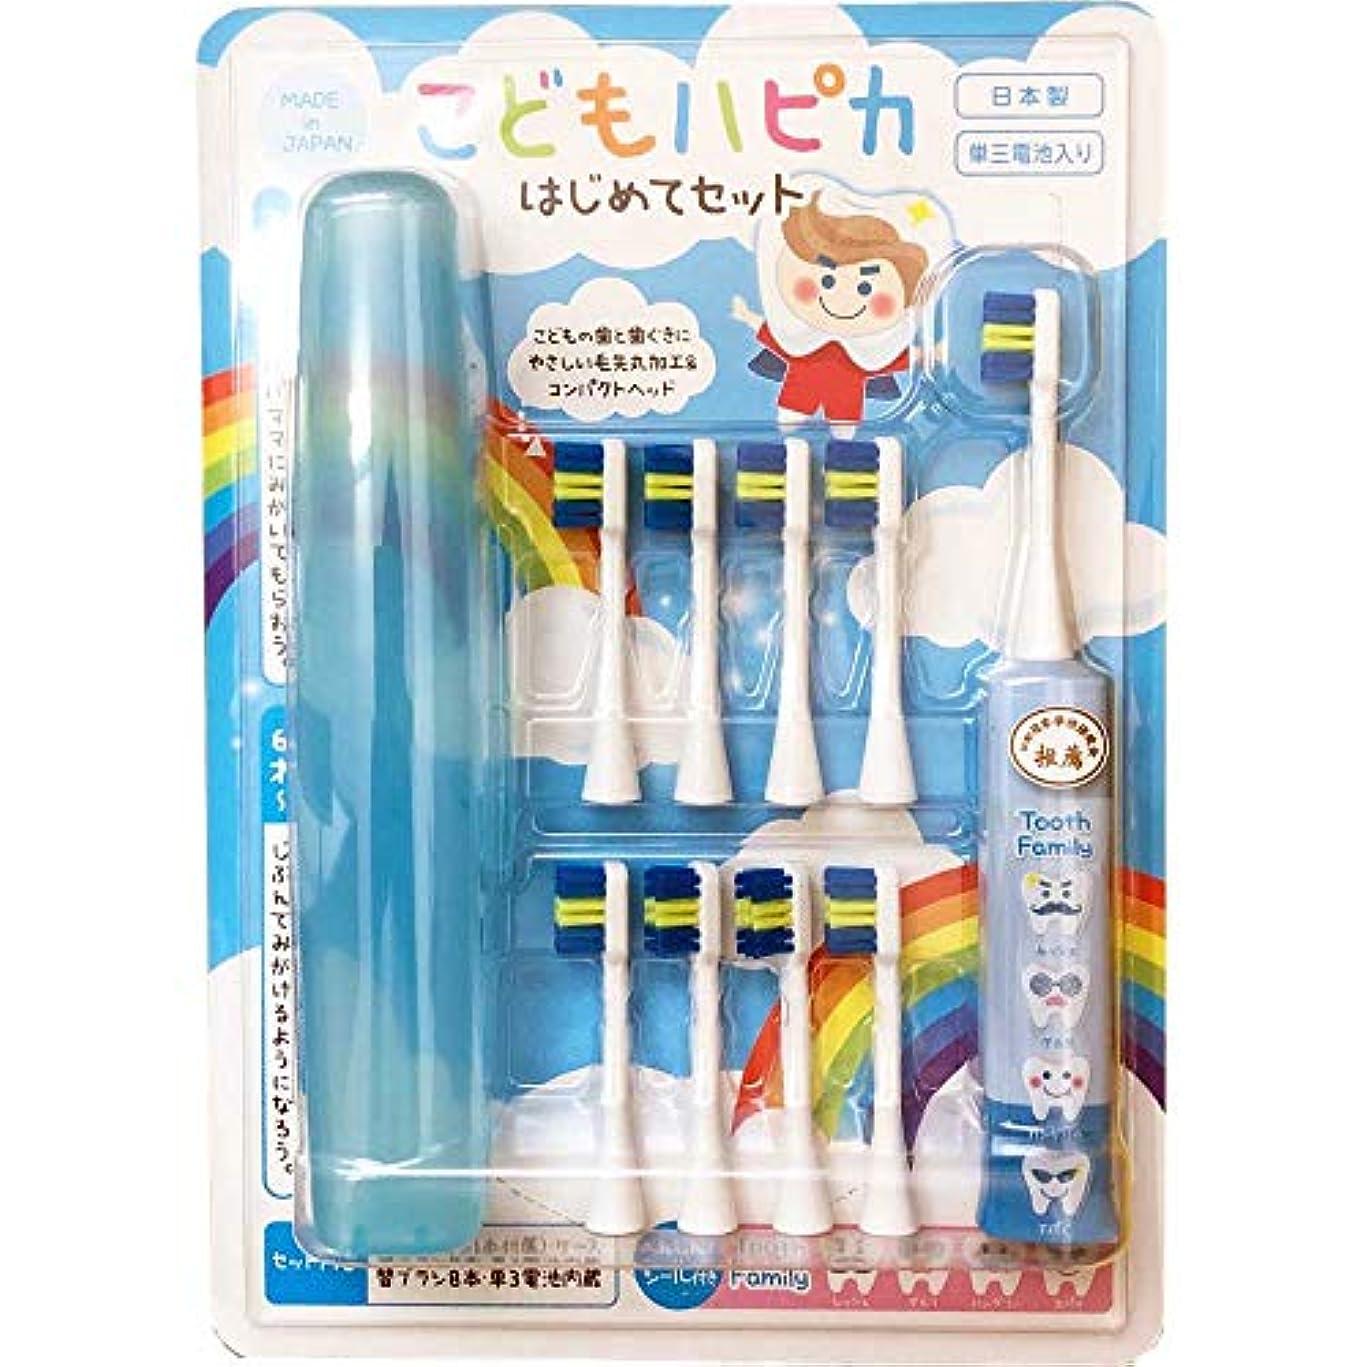 病んでいる赤最後にミニマム こどもハピカセット ブルー 子供用電動歯ブラシ